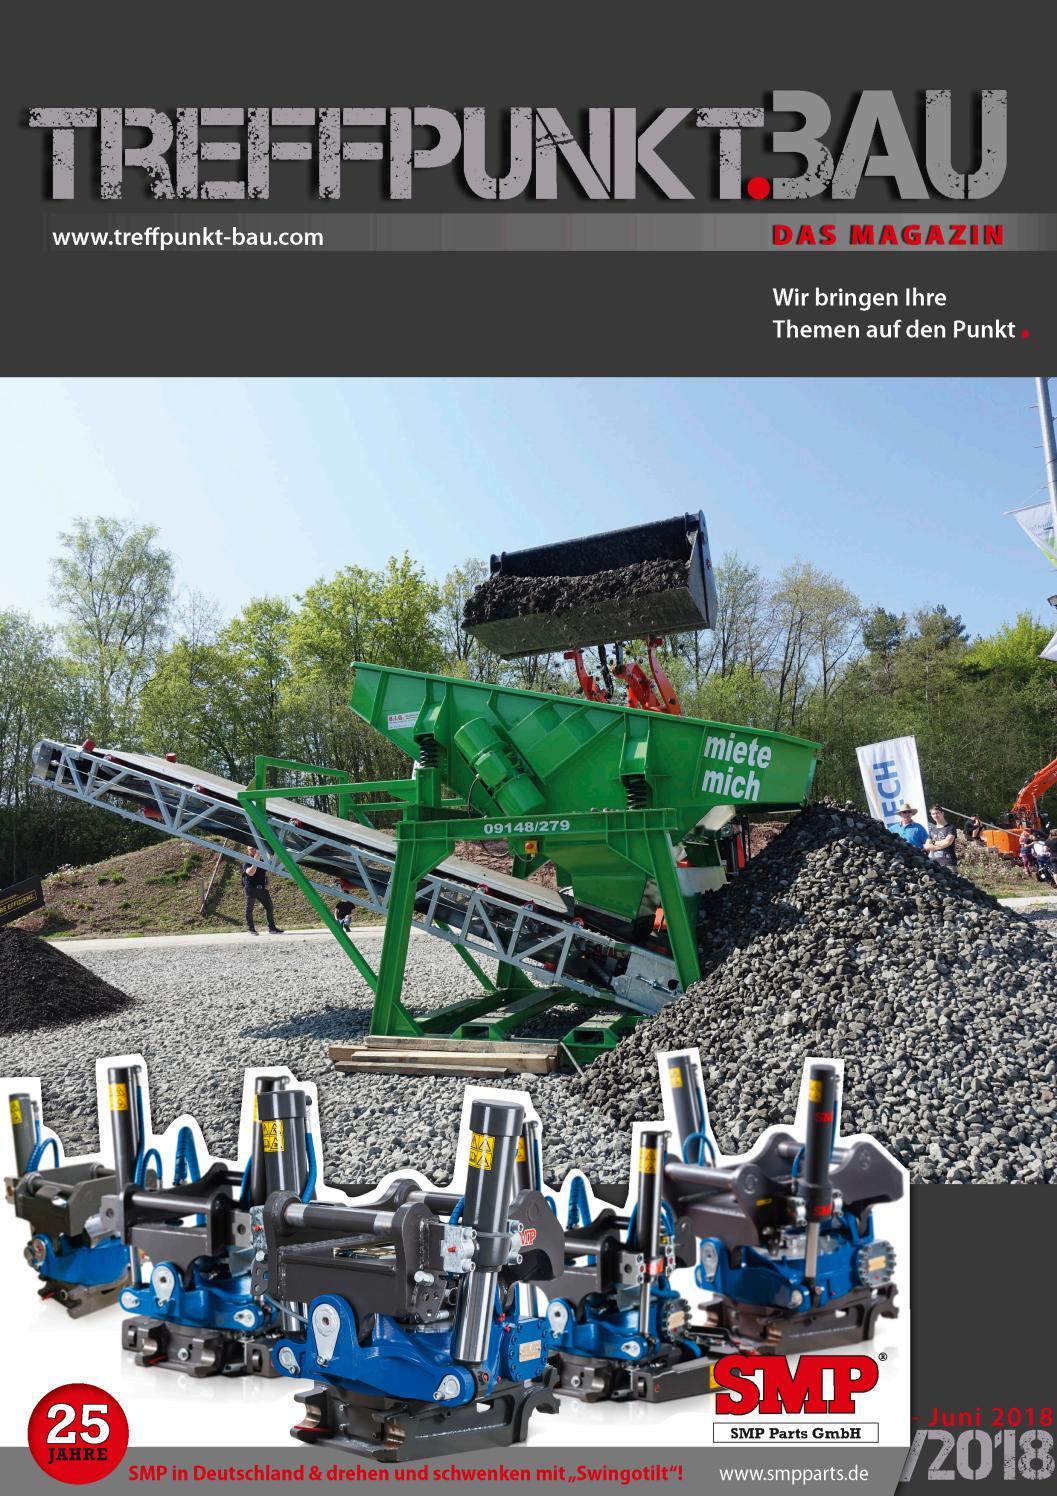 Treffpunkt.Bau 05-06/18 by Treffpunkt.Bau - issuu